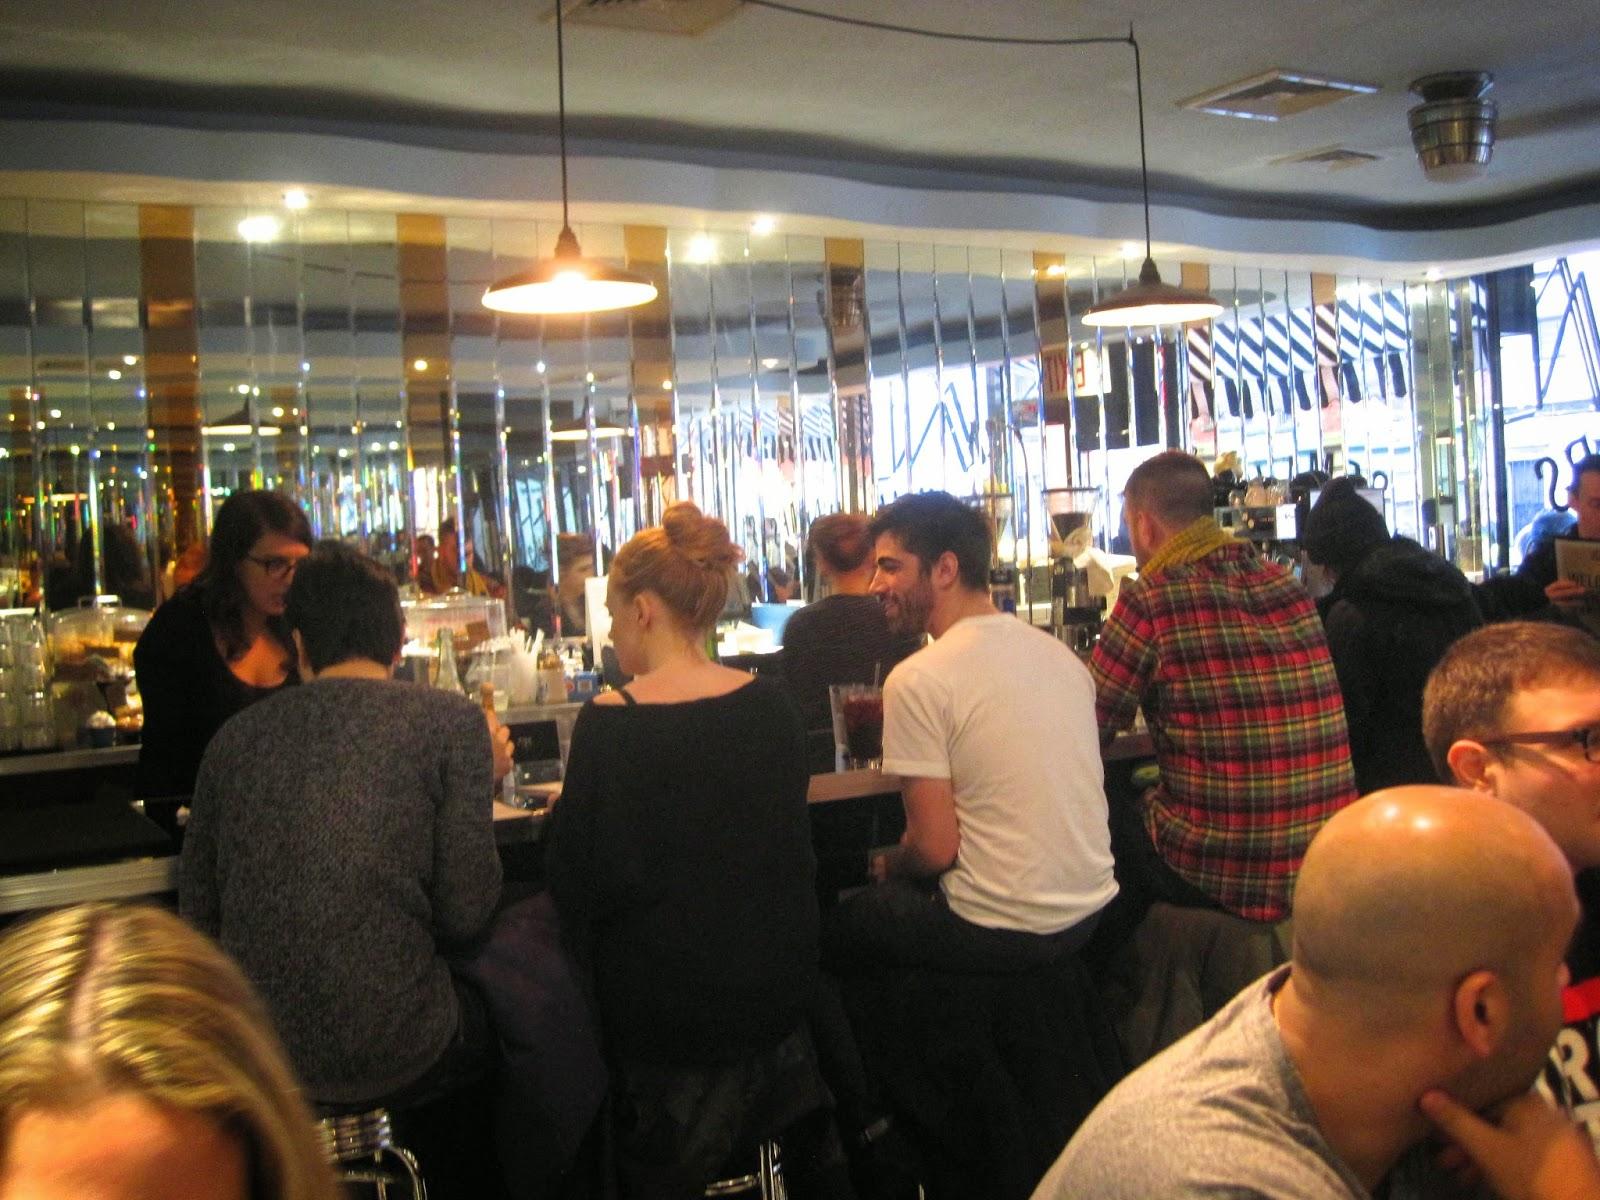 Bar Stools at Champs Diner